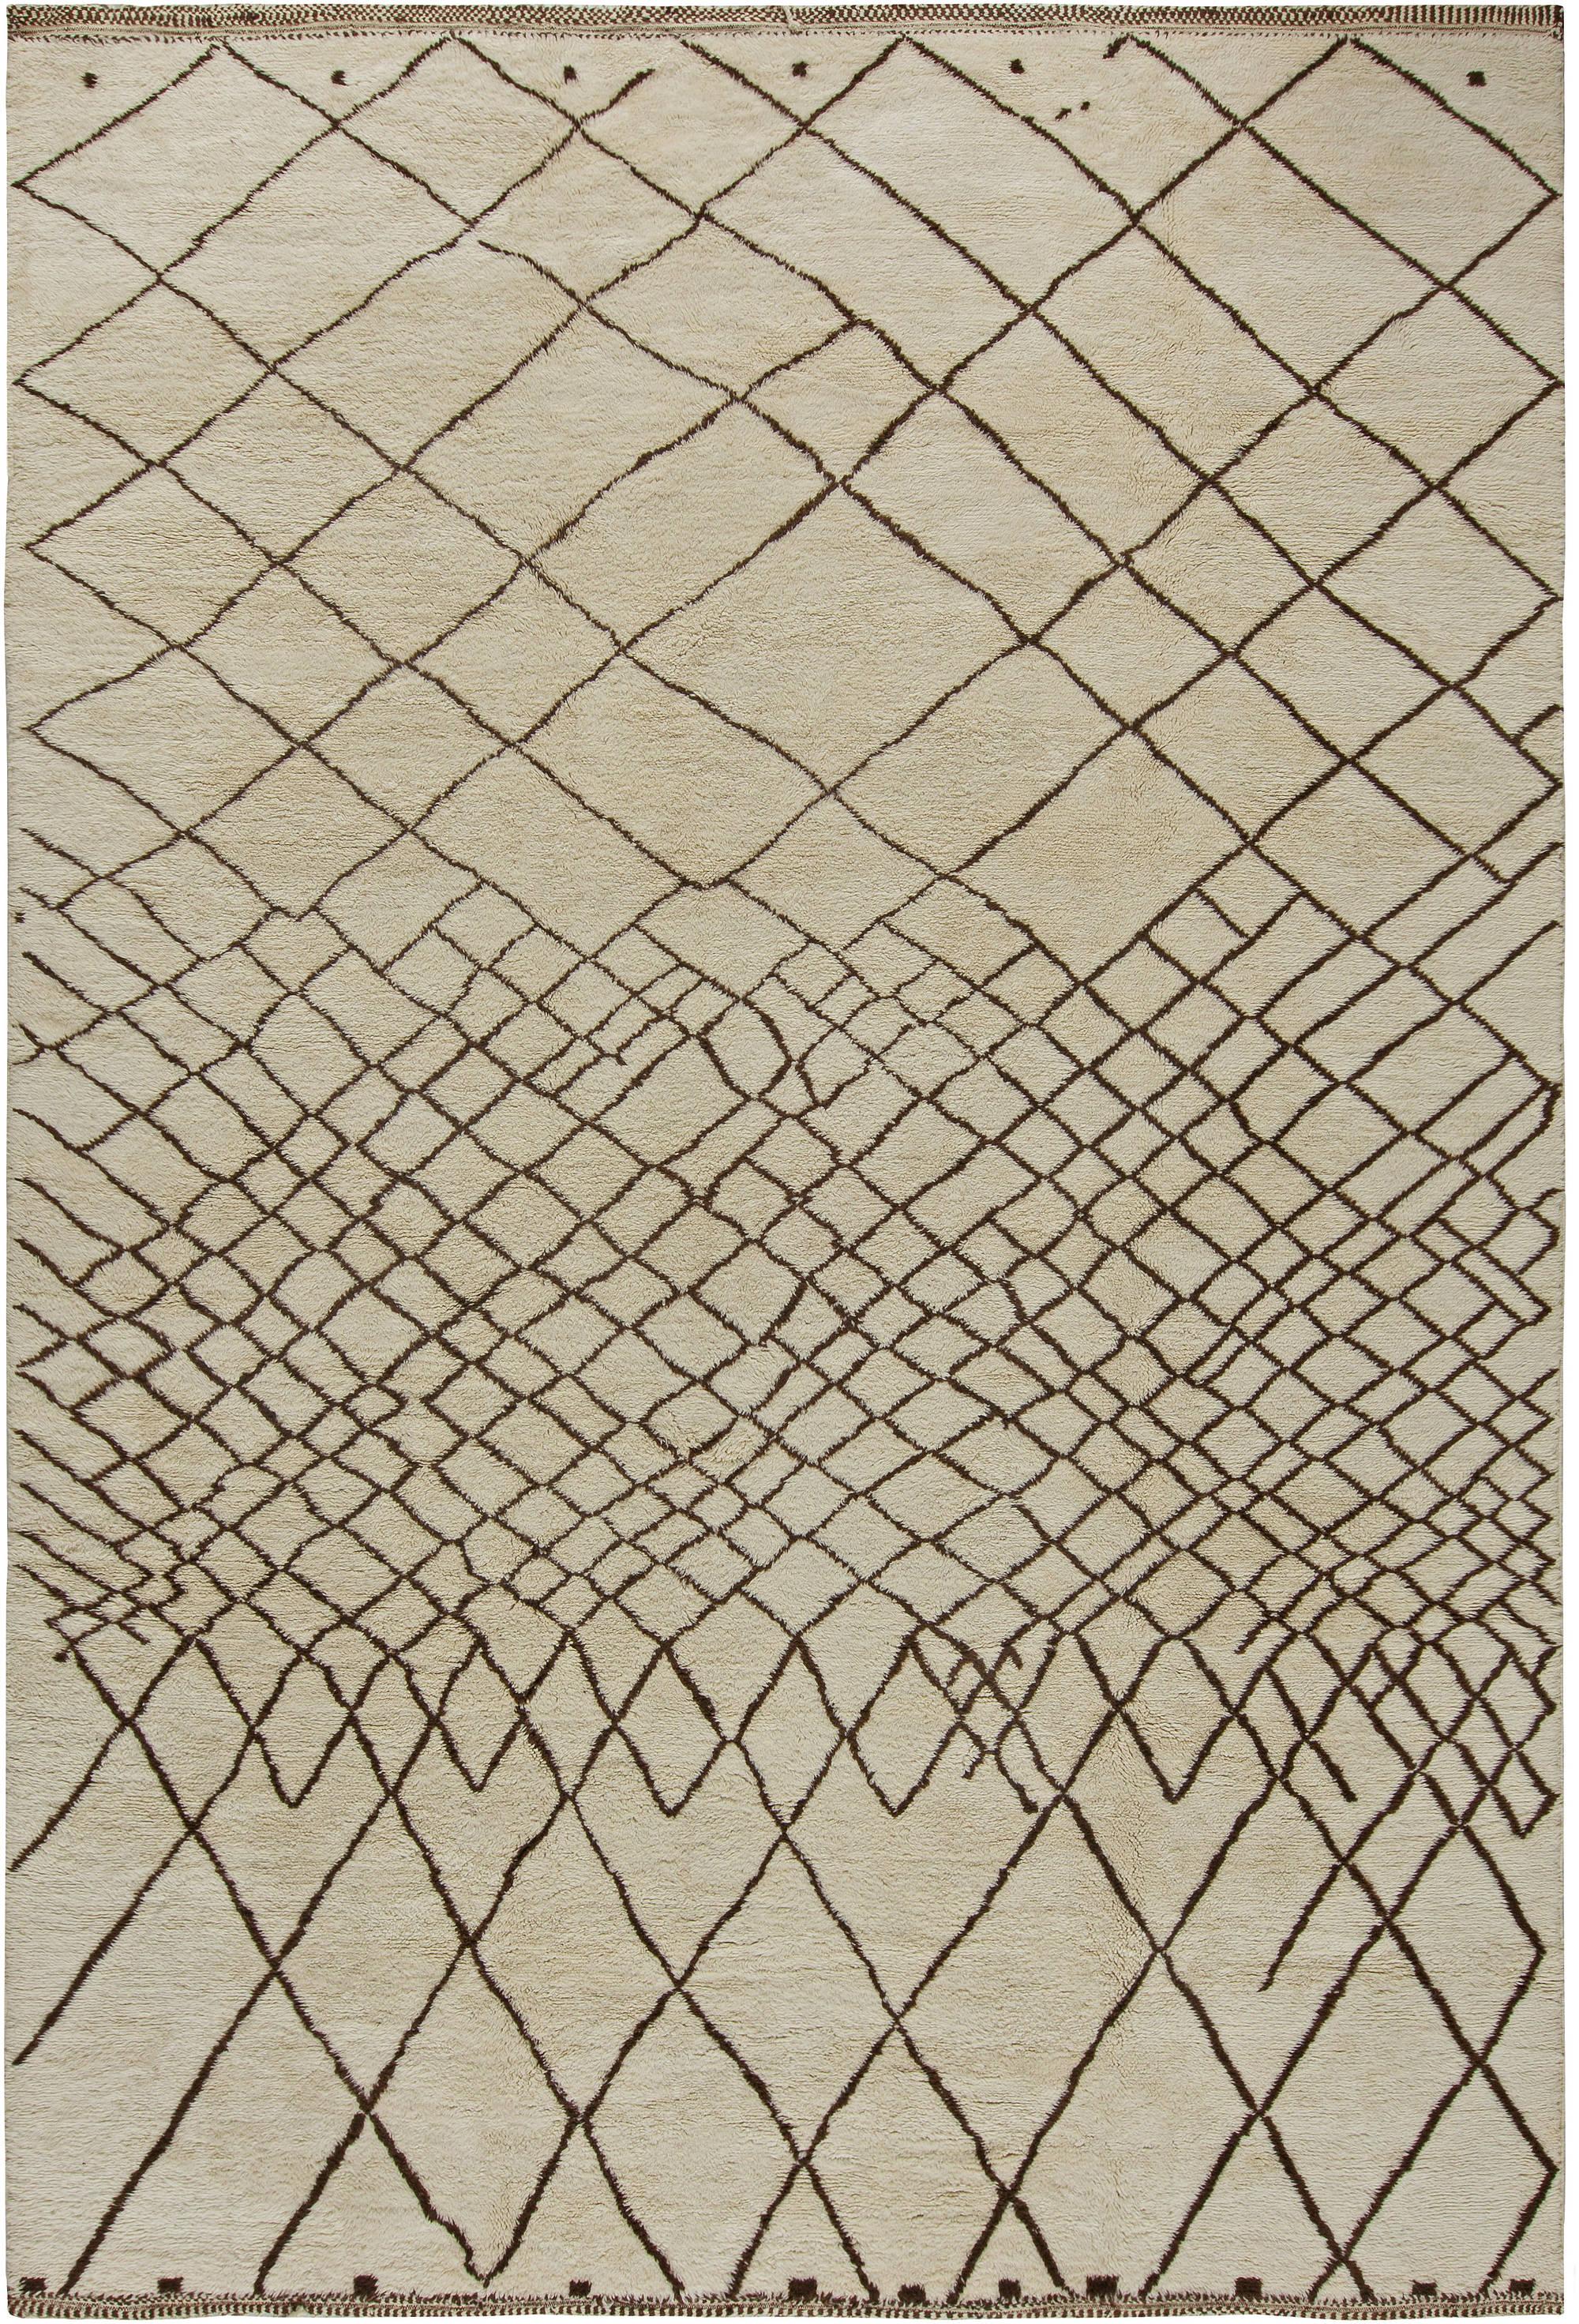 Moroccan Carpet N10914 By Doris Leslie Blau